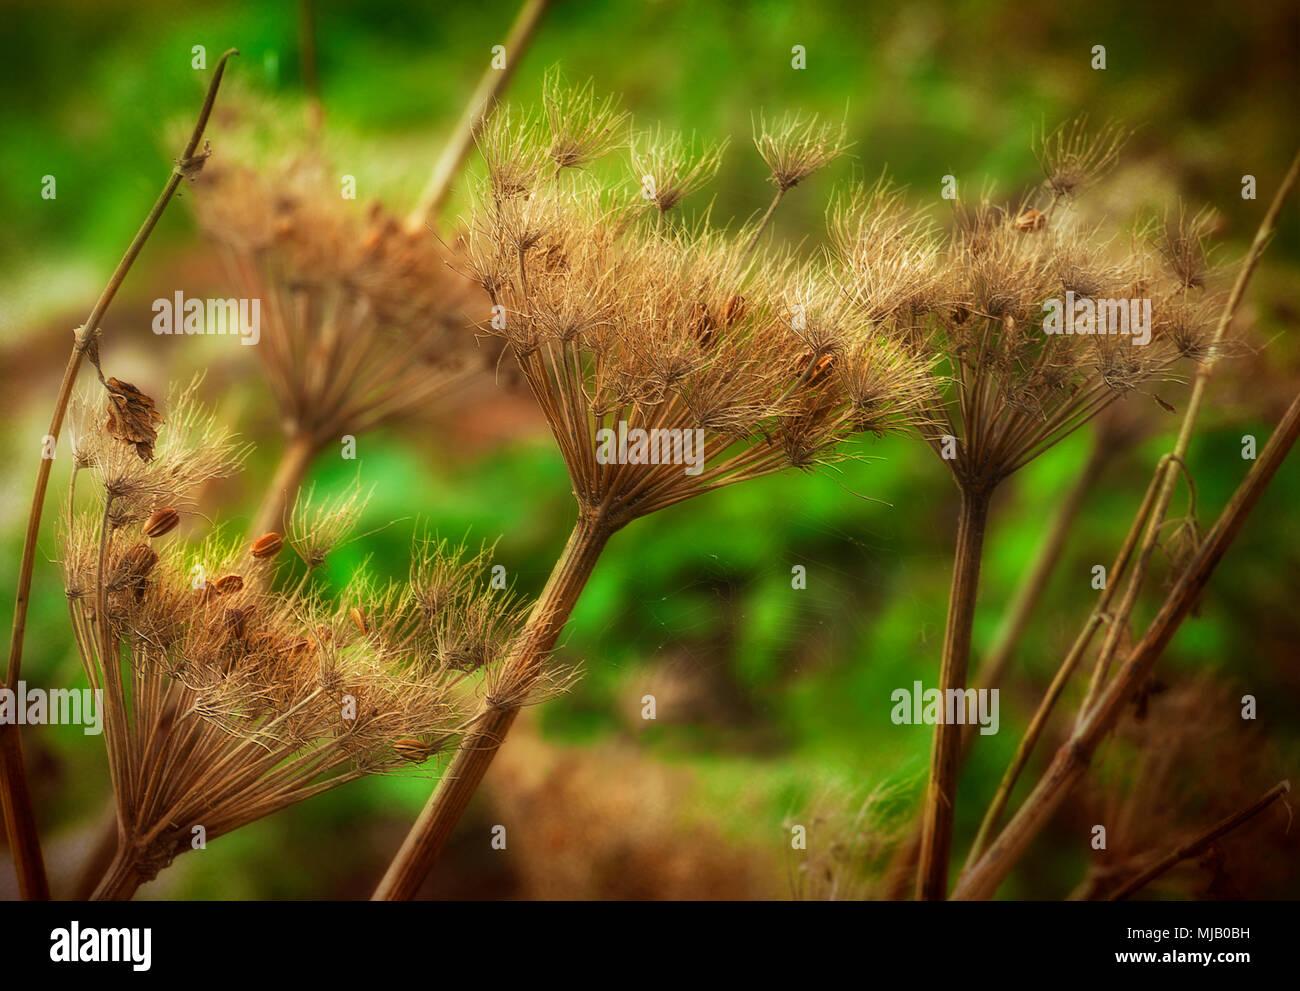 Vestiges de la saison en cours ou leur structure délicate plantes séchées se distingue. Photo Stock